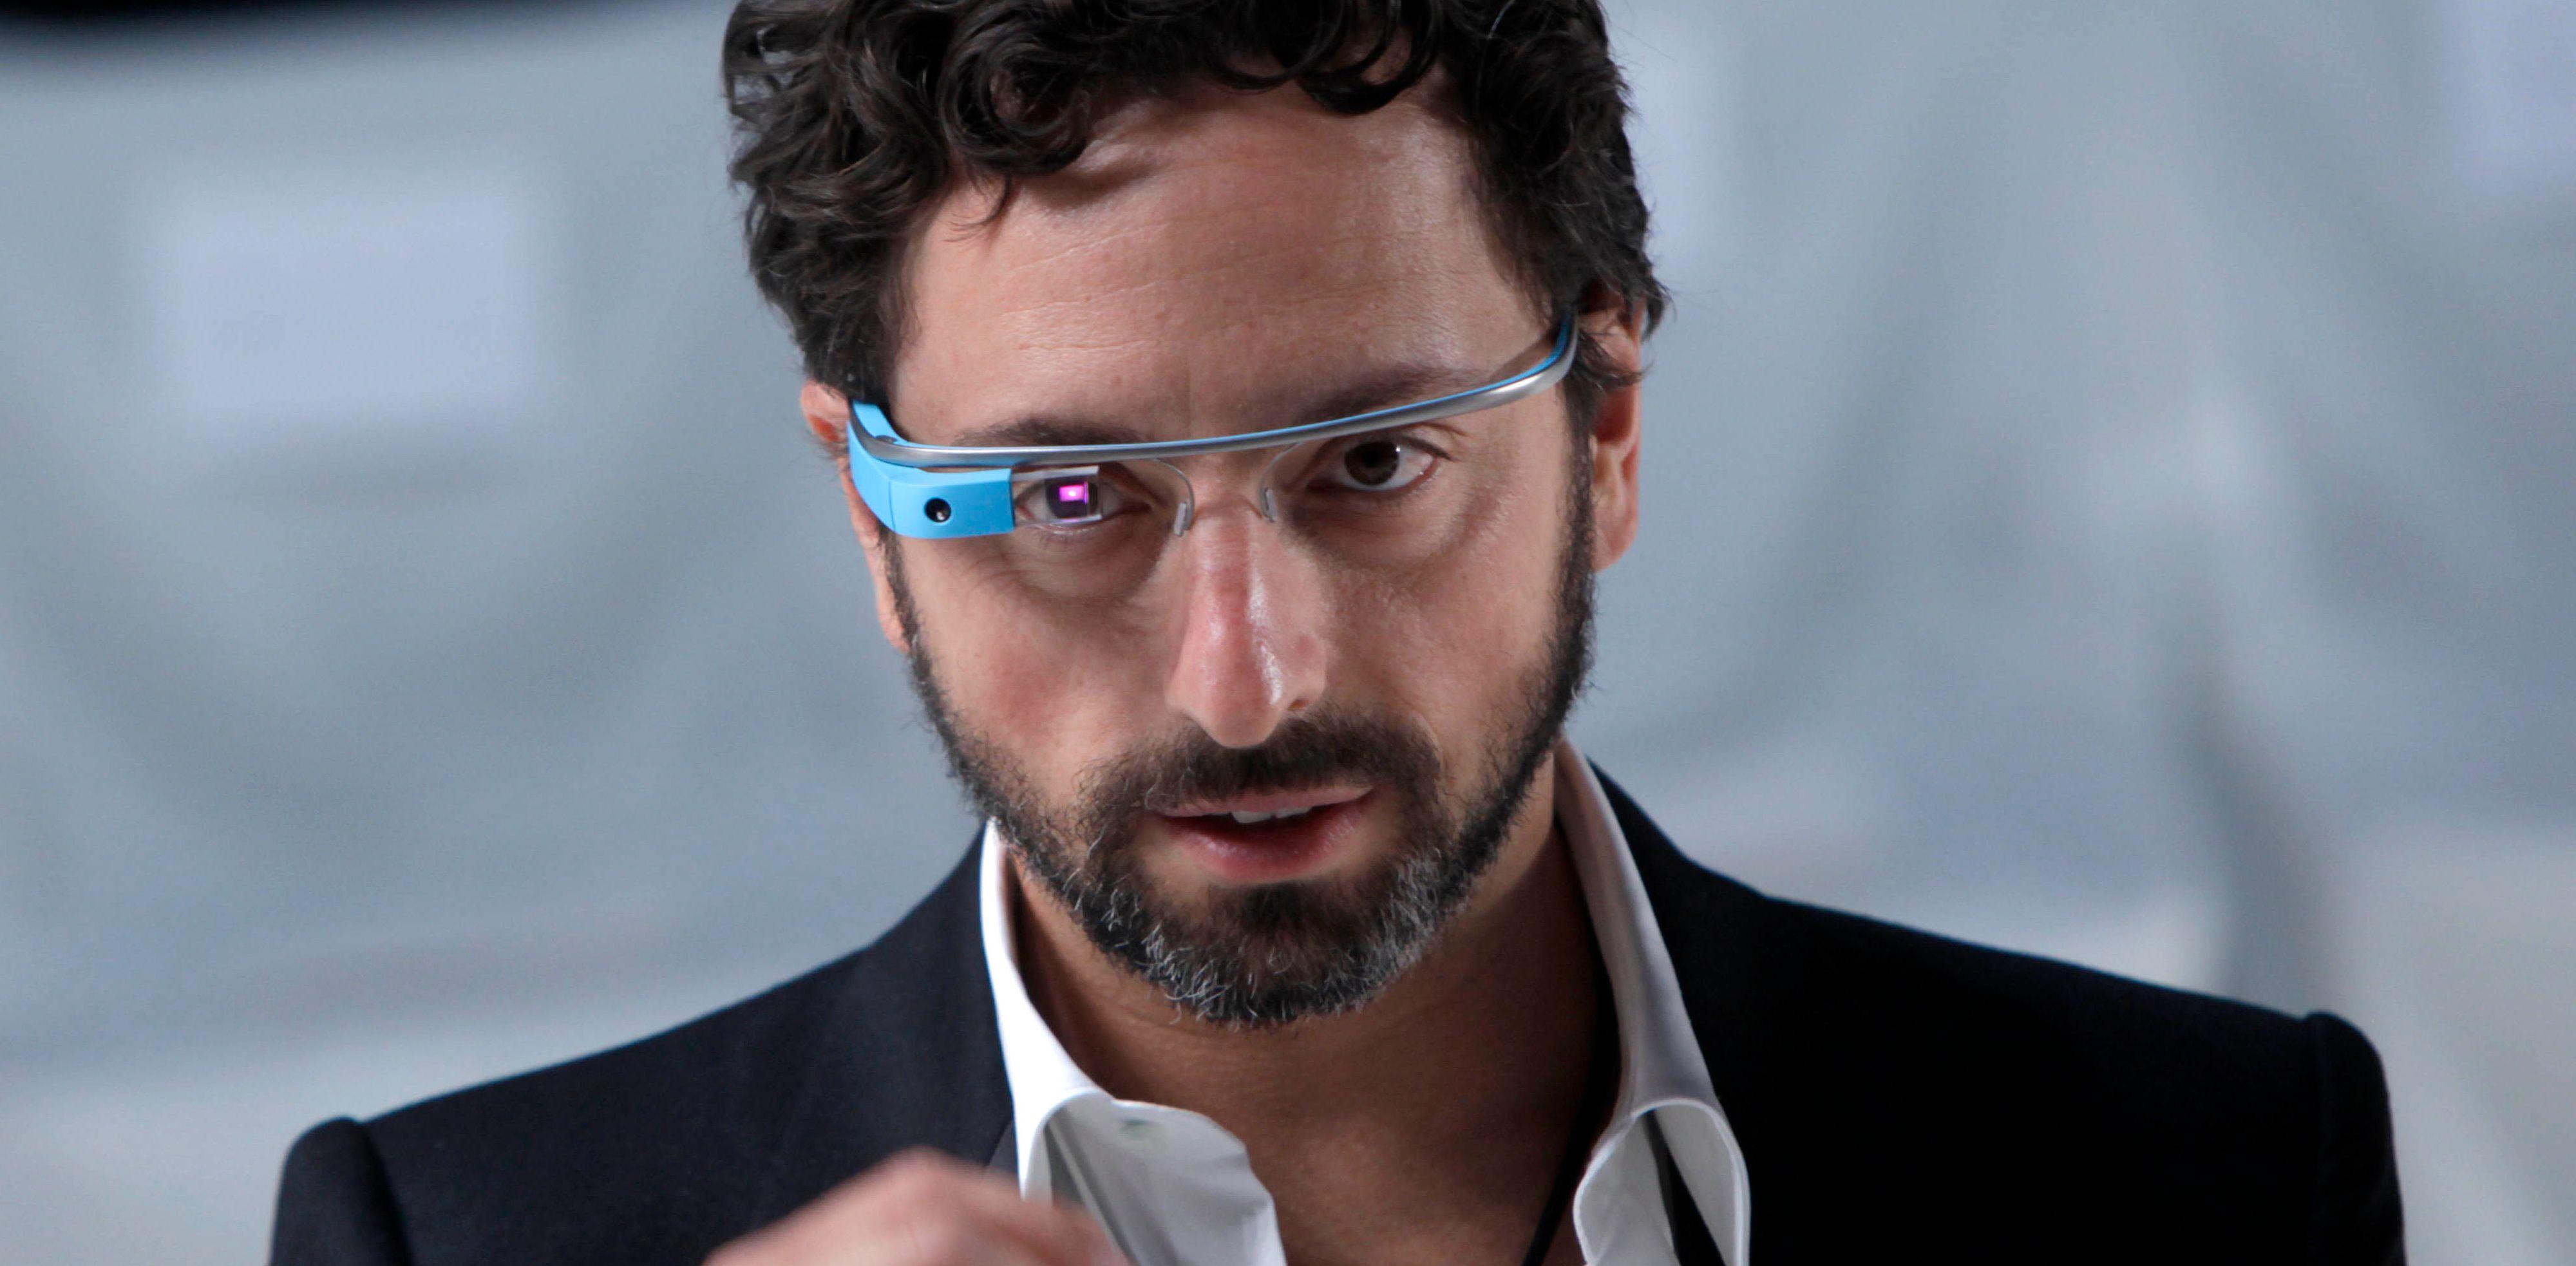 Nå kan du kjøpe de nye Google Glass-brillene